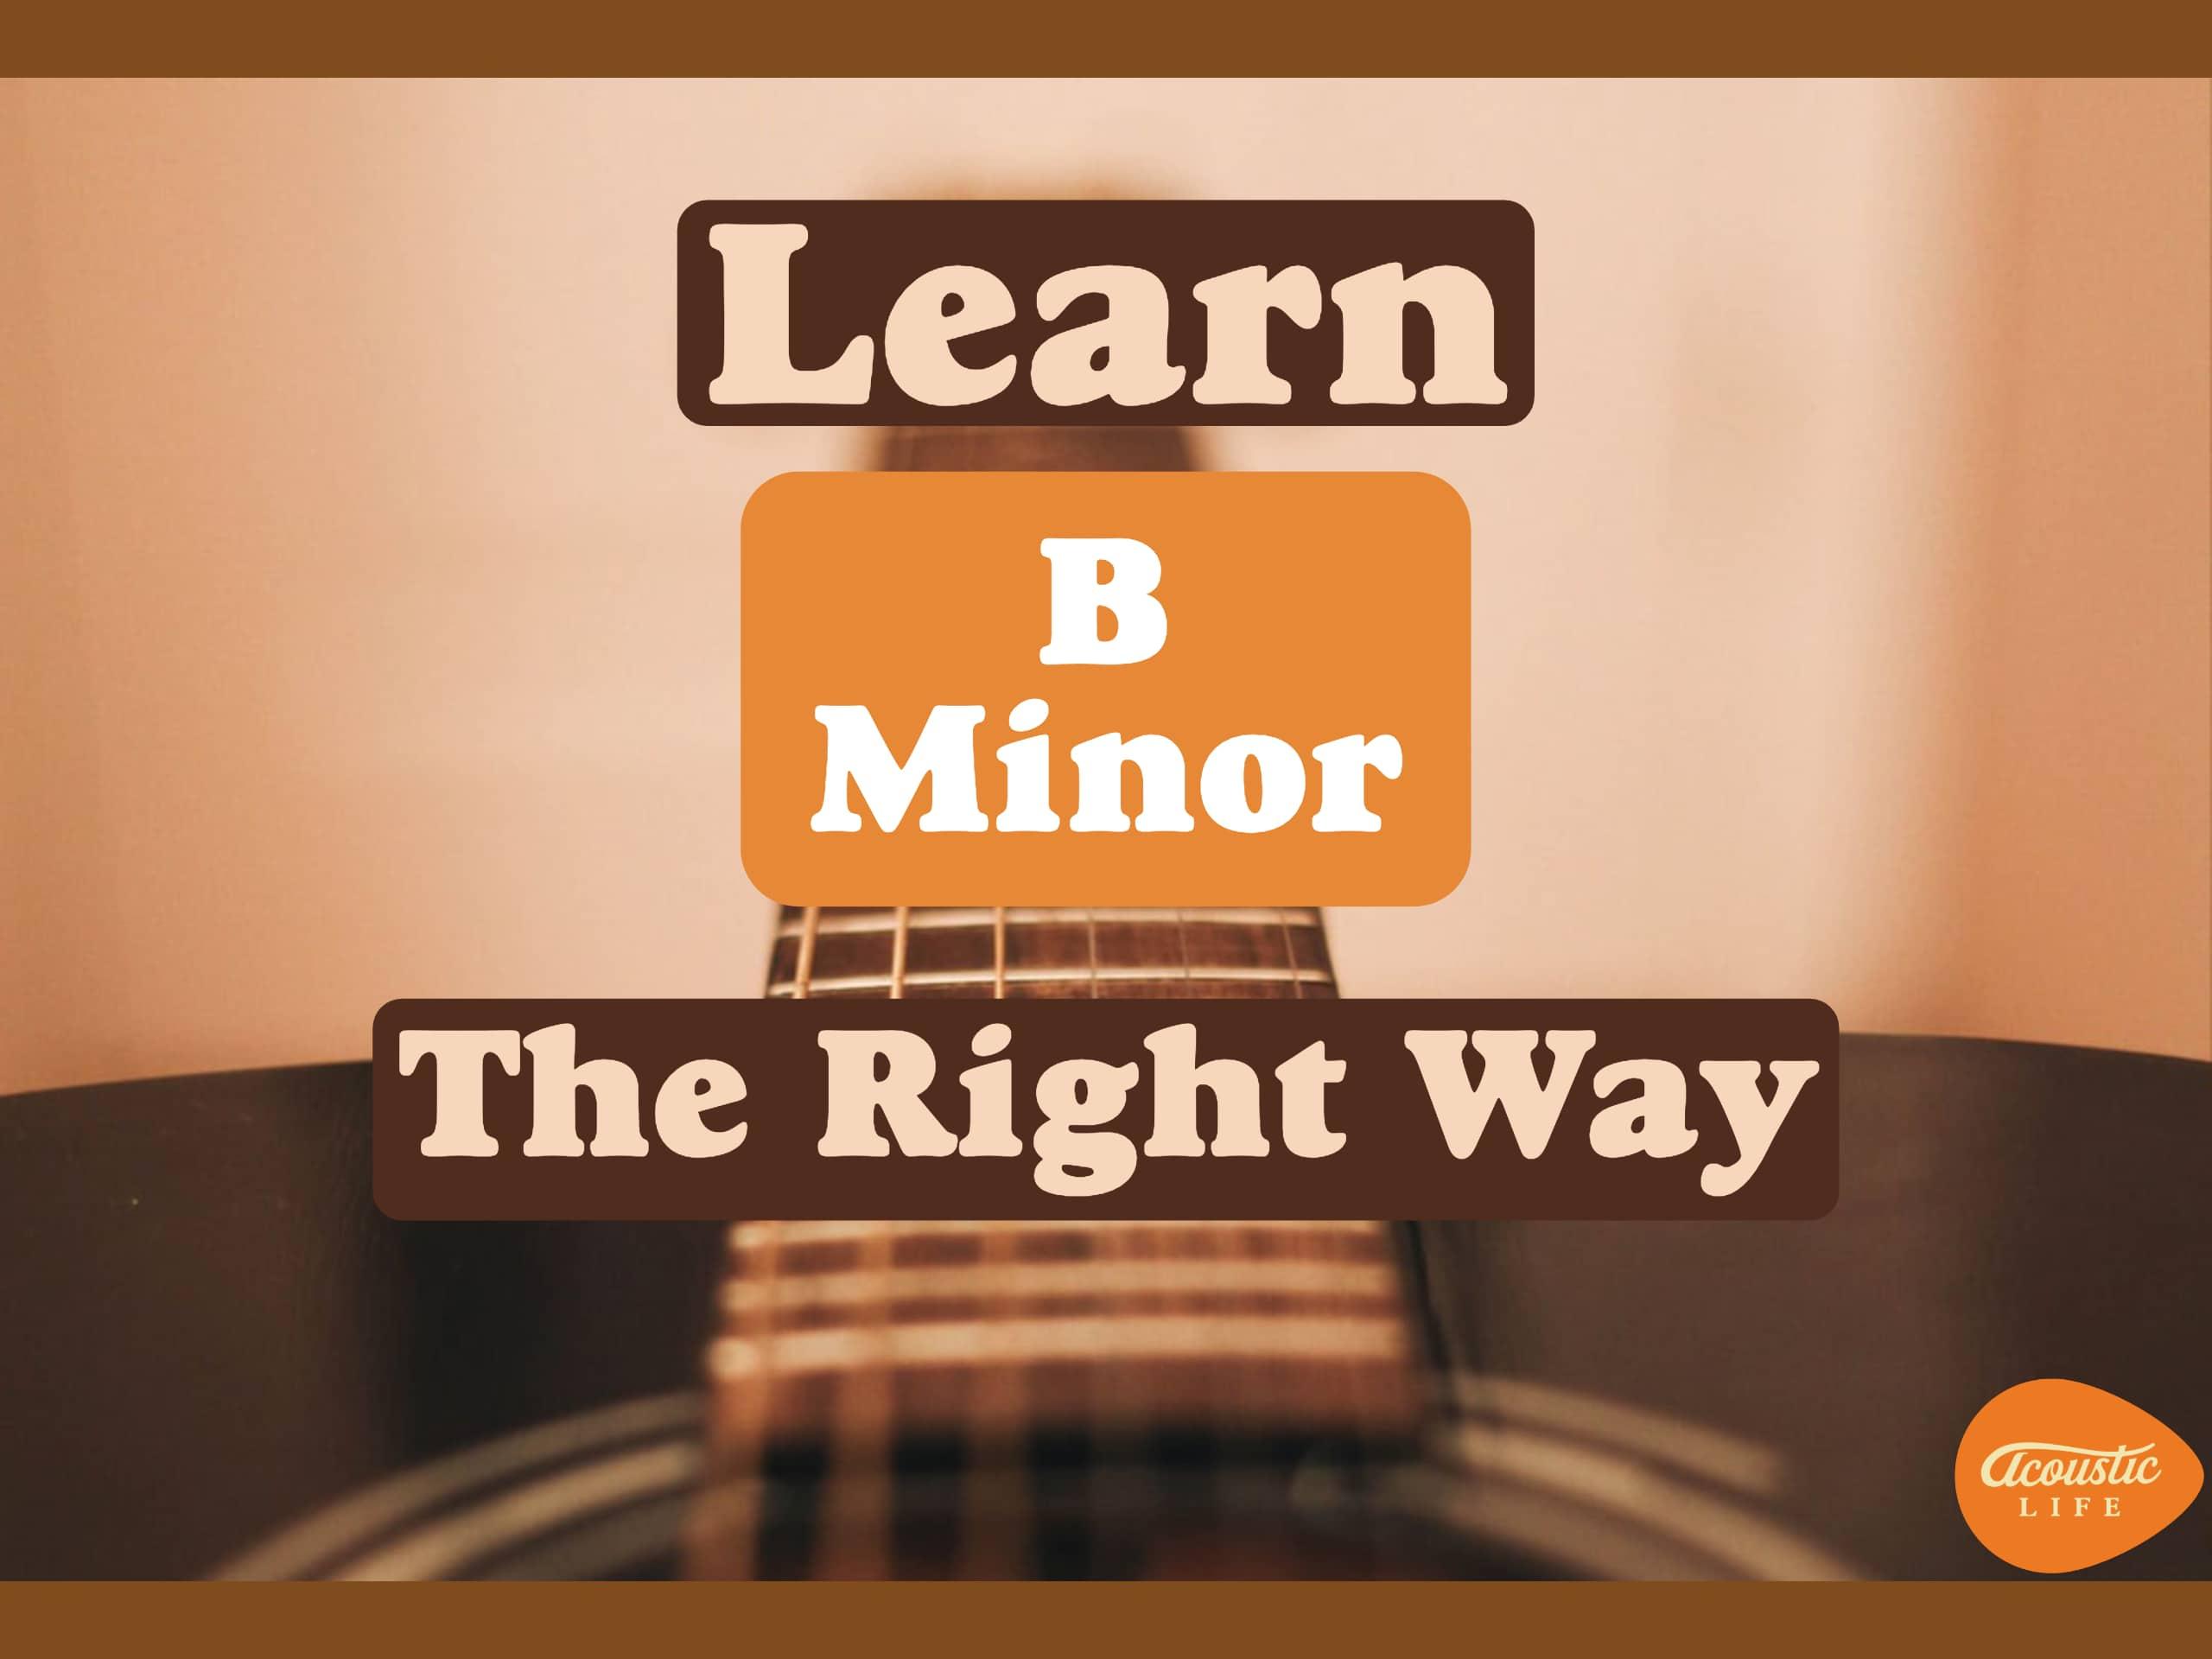 Bm chord guitar